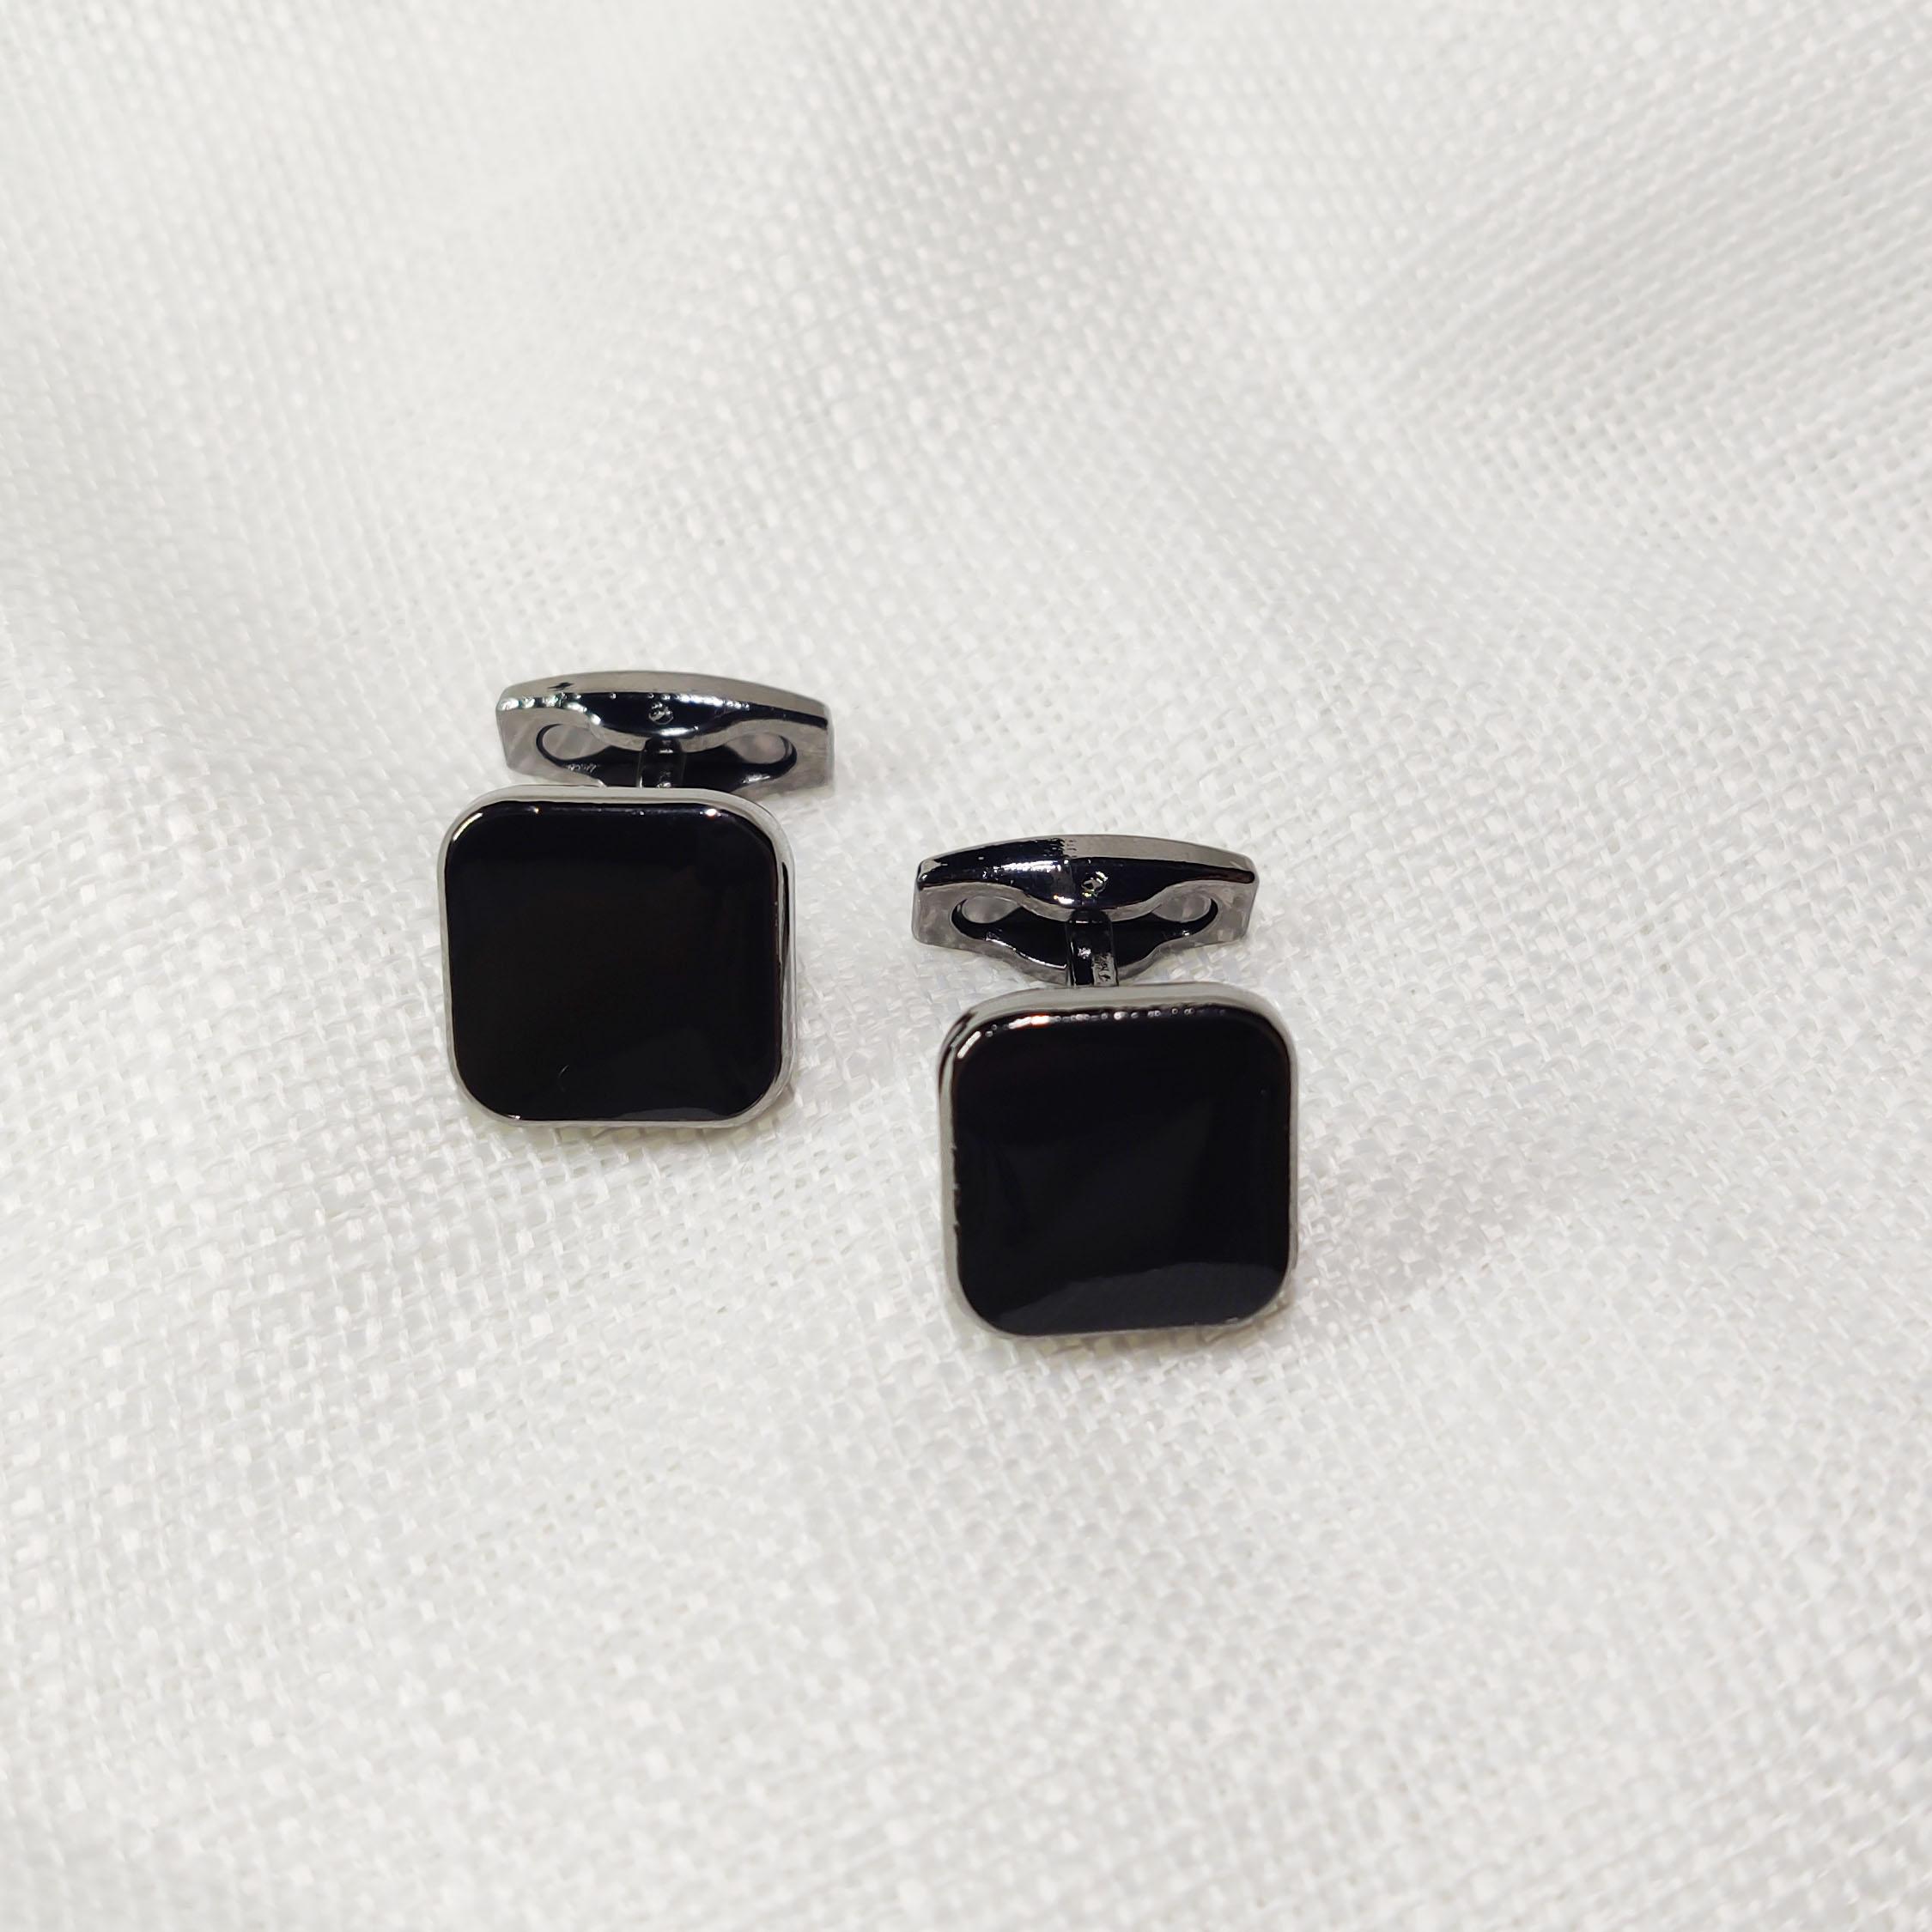 法式衬衫袖扣男士轻奢方形黑色商务休闲袖口钉衬衣扣配饰礼物